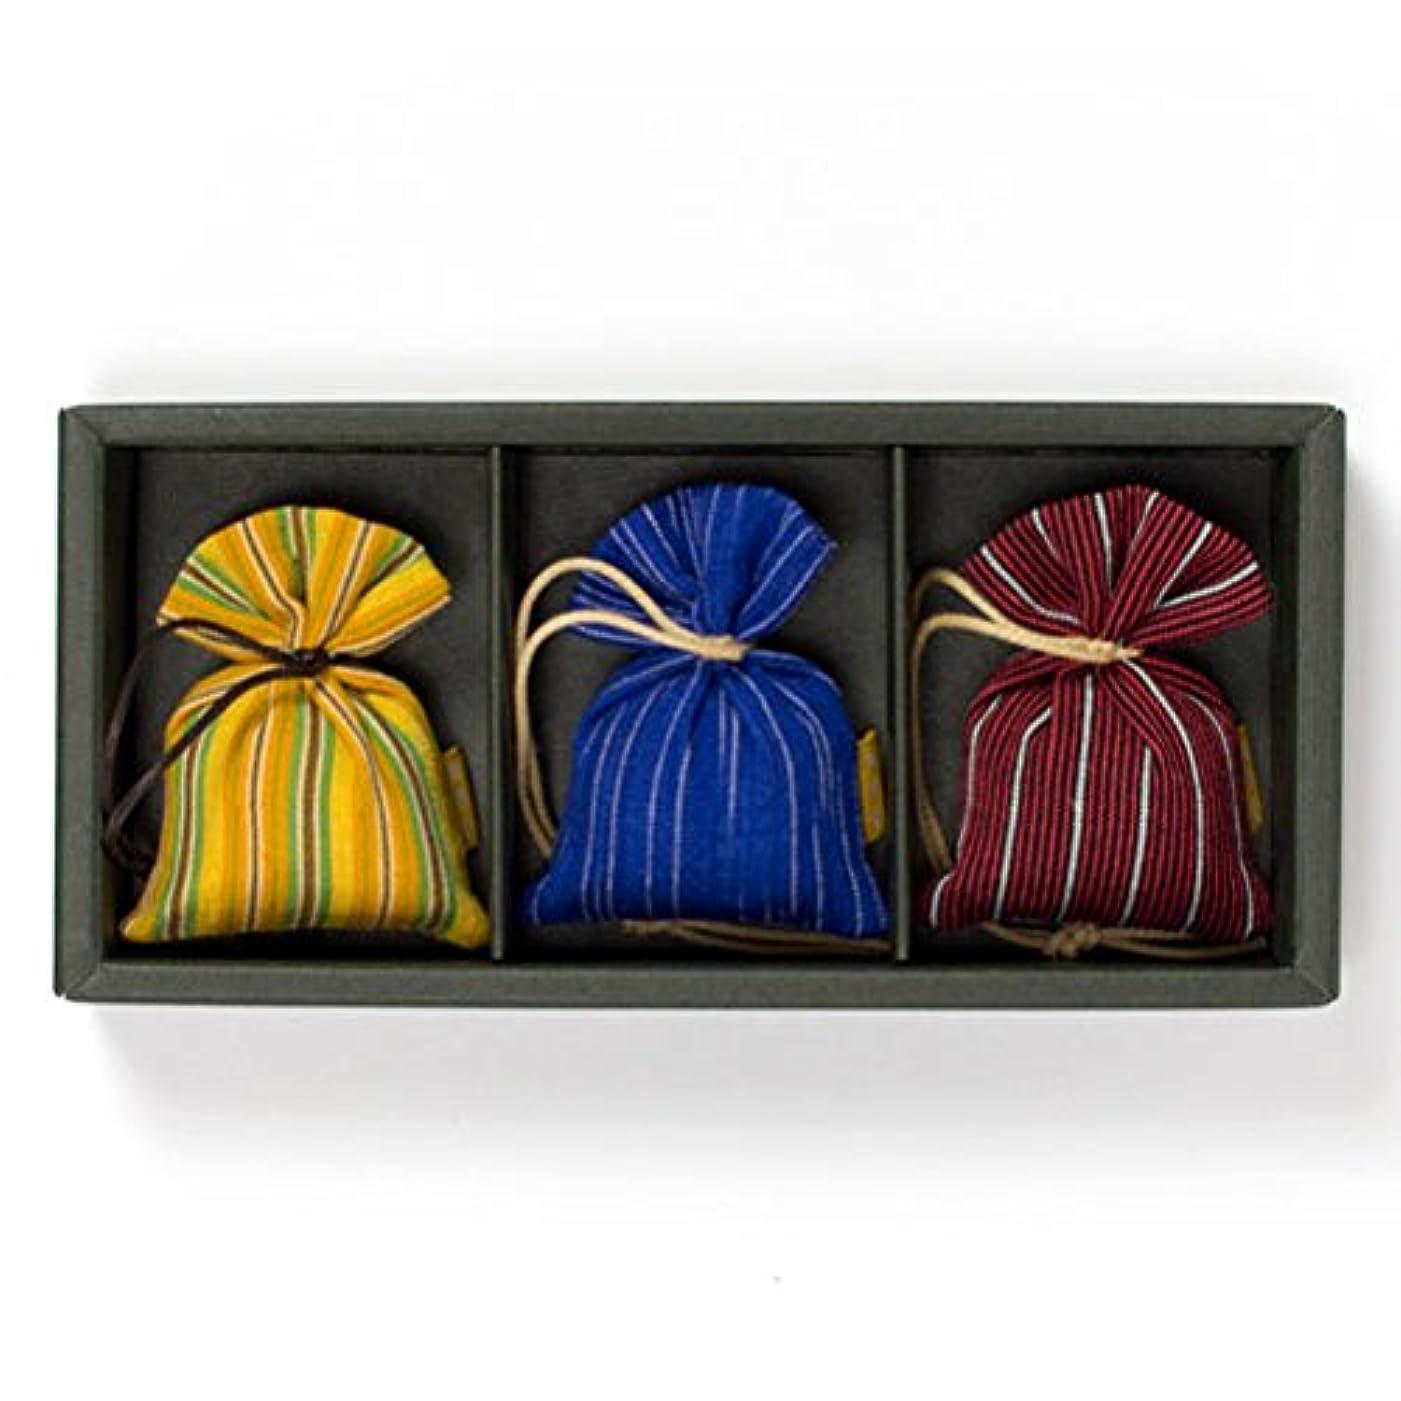 相談する風味賞賛する匂い袋 誰が袖 ルリック(縞) 3個入 松栄堂 Shoyeido 本体長さ60mm (色?柄は選べません)